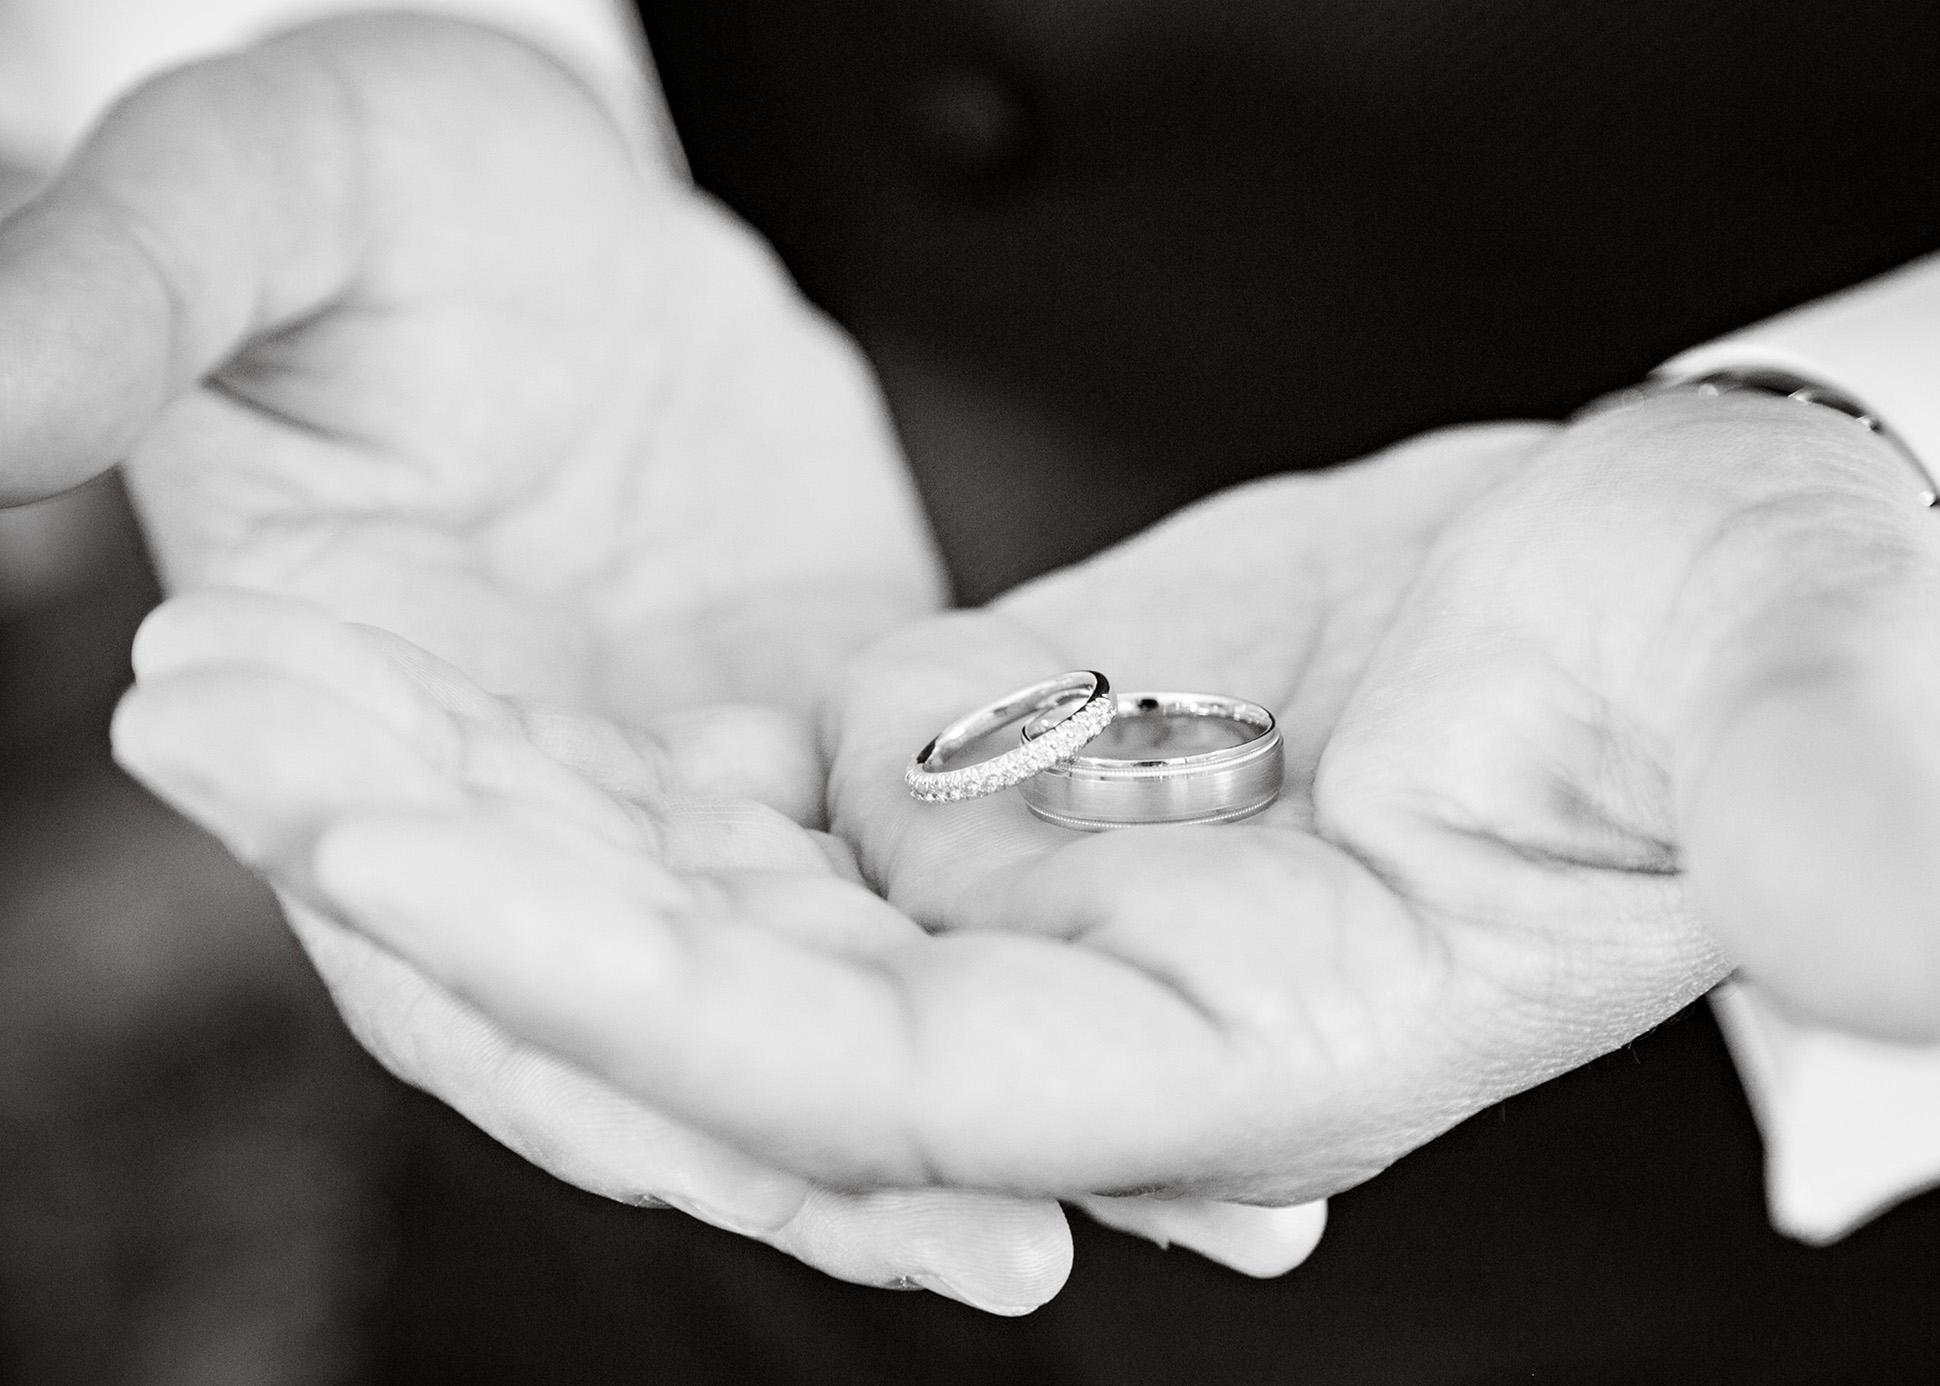 09-Sara Stadtmiller-SRS-Photography-Asbury-Park-Wedding-Photographer-Monmouth-County-Wedding-Photographer-NJ-Wedding-Photographer-Molly-Pitcher-Inn-Wedding